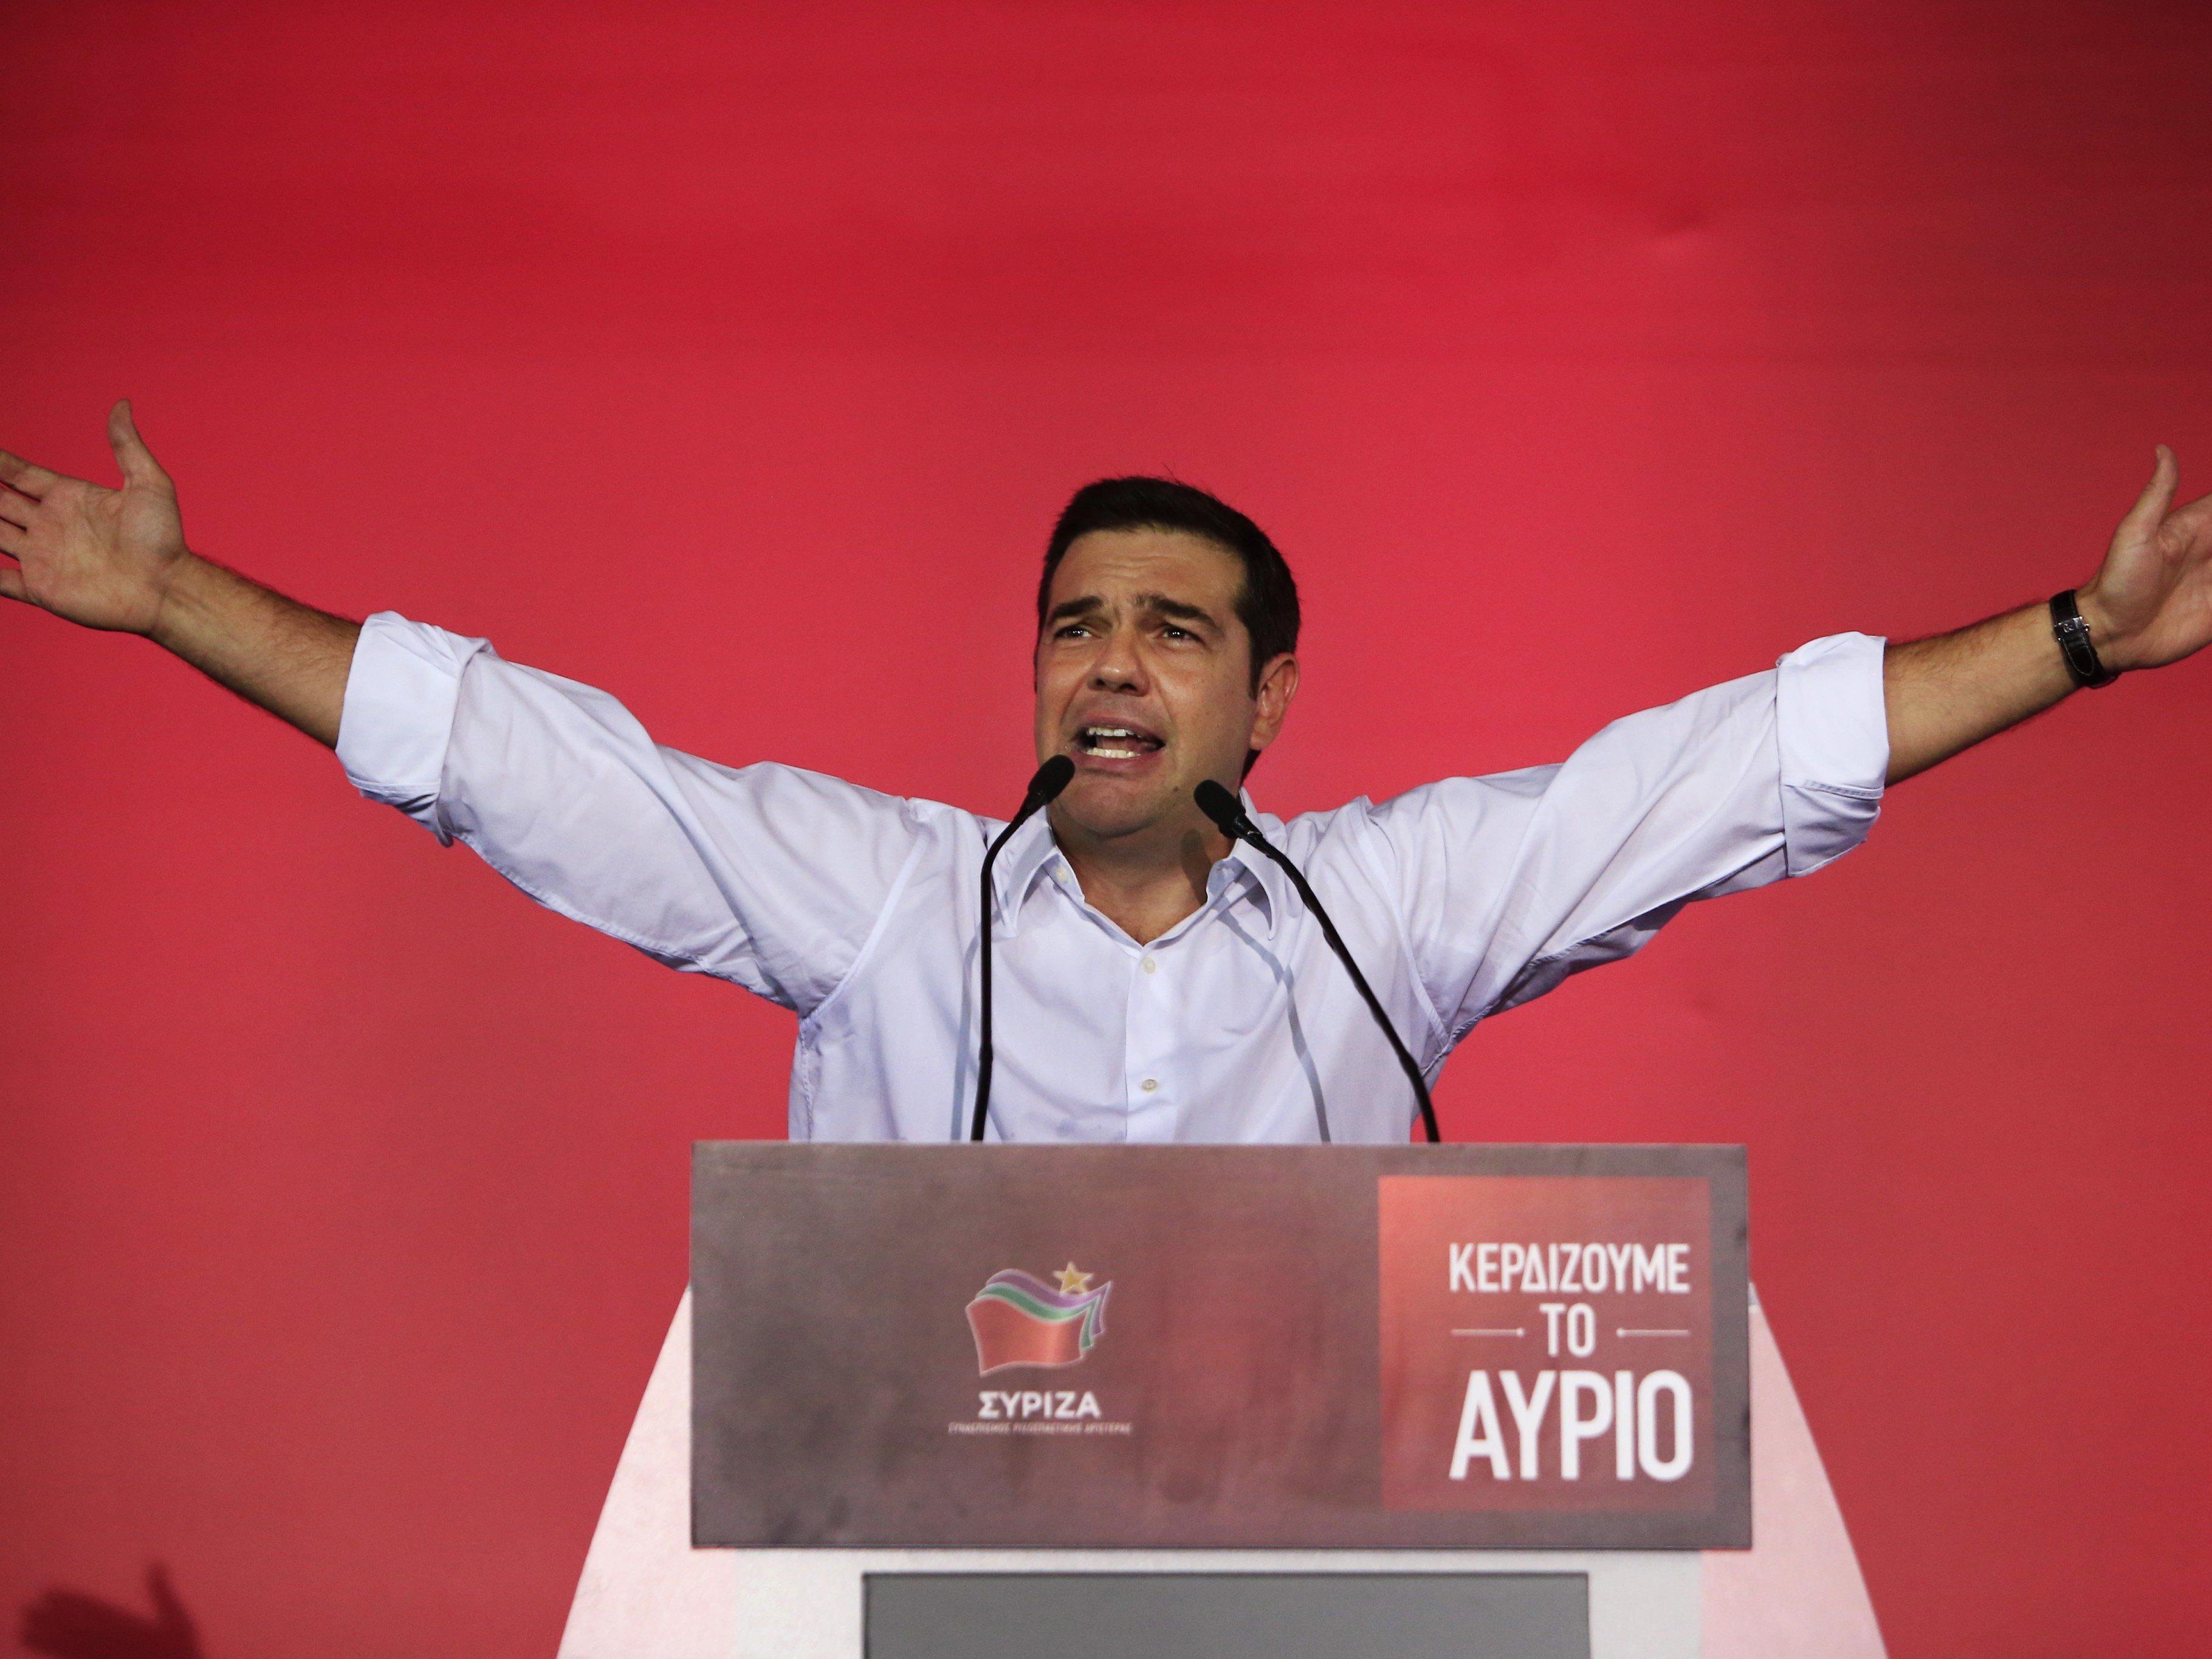 Die ersten Exit Polls sehen Alexis Tsipras knapp, aber doch vorne.